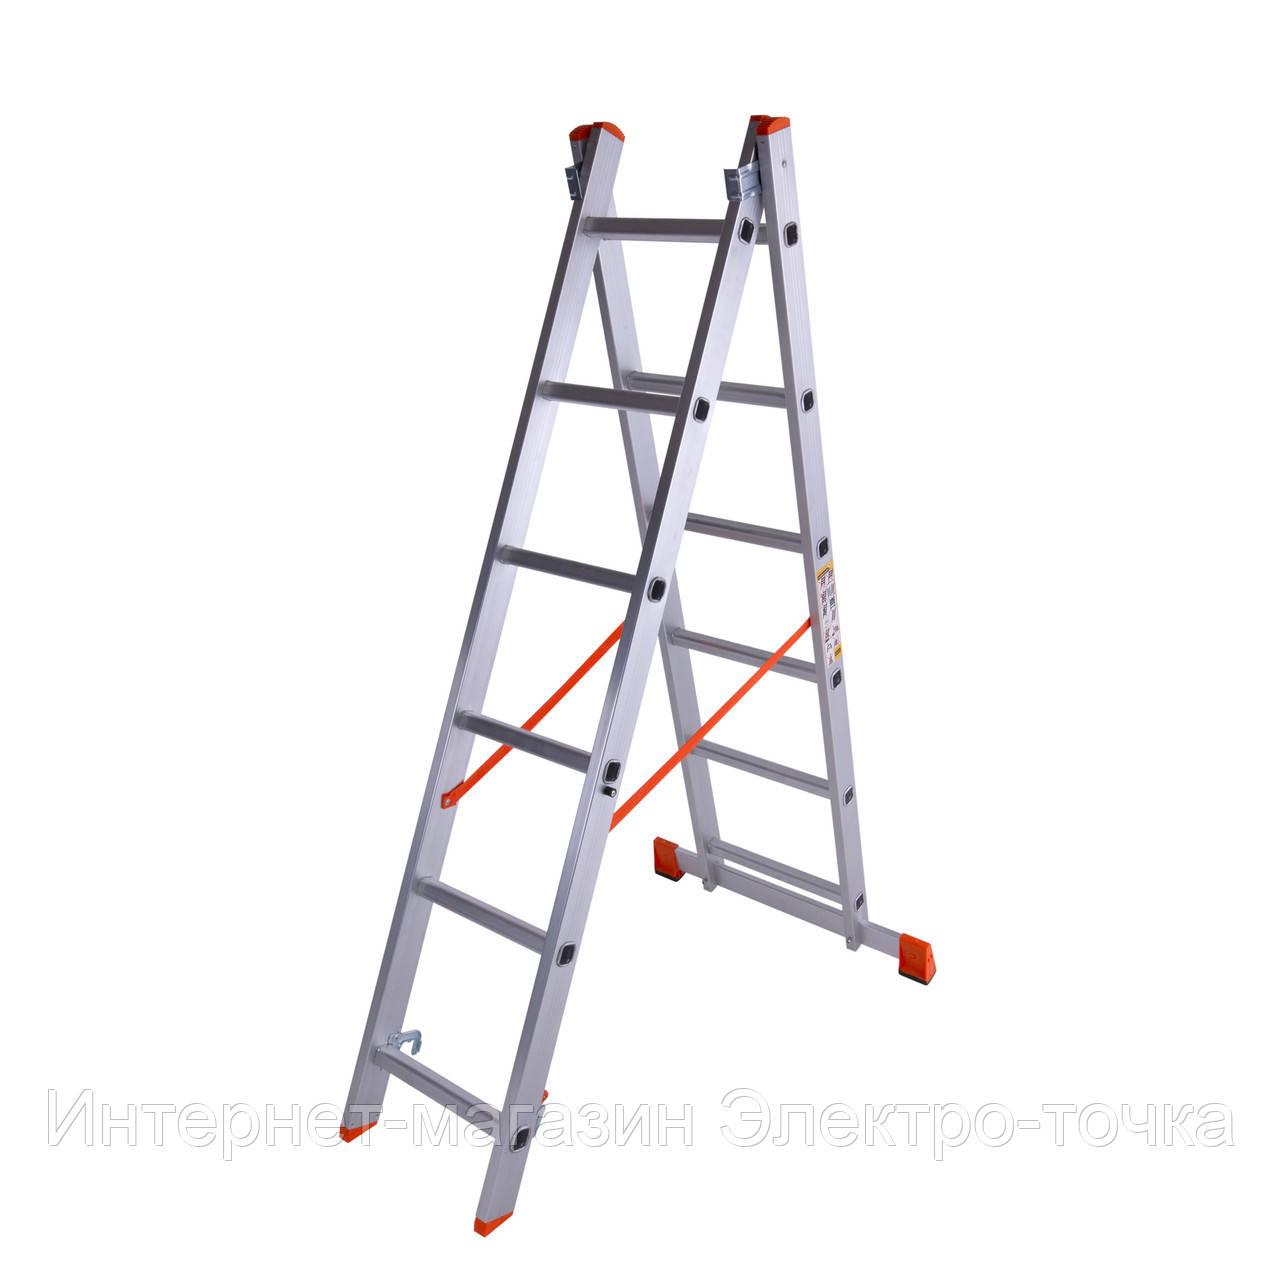 Лестница двухсекционная алюминиевая 6 ступеней Laddermaster Sirius A2A6